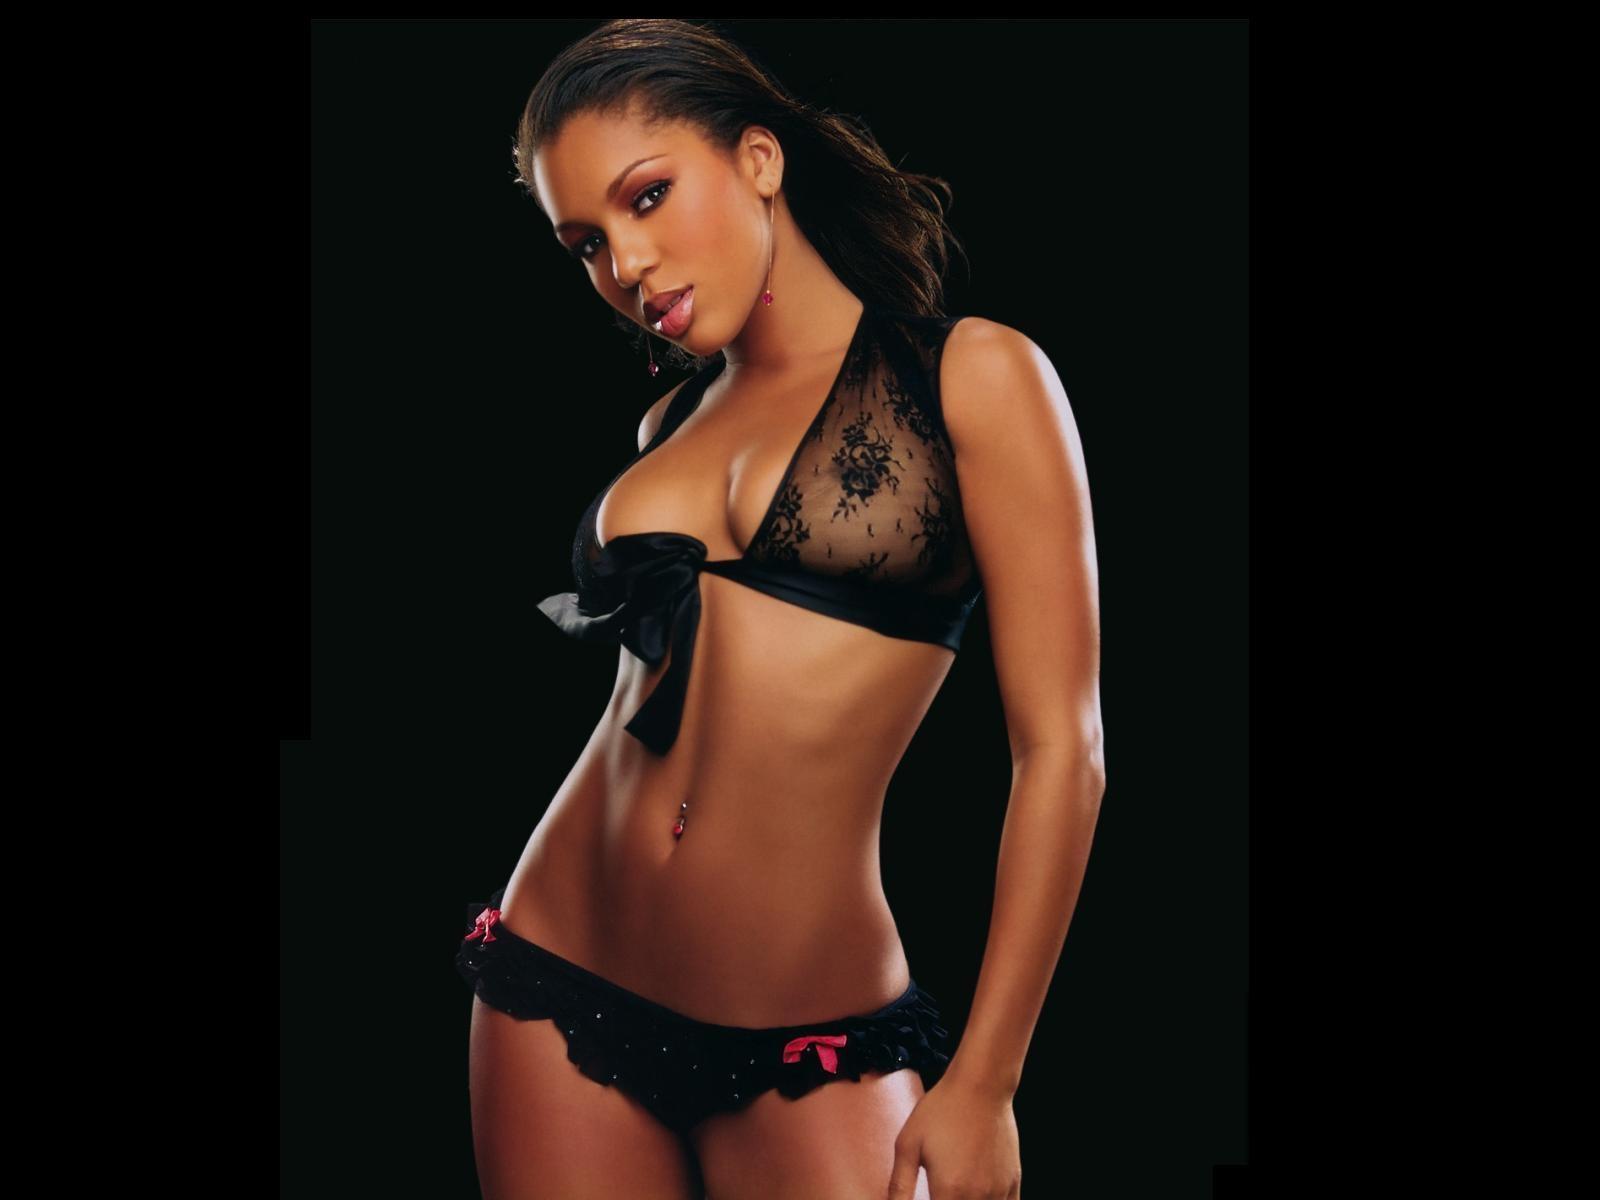 http://4.bp.blogspot.com/_oHxiR-yjcmo/TSKI69kMIYI/AAAAAAAAJ9M/UmMhrNwj44I/s1600/HD-super-Girls-Wallpapers-Pack-32_08%2B%25289%2529.jpg